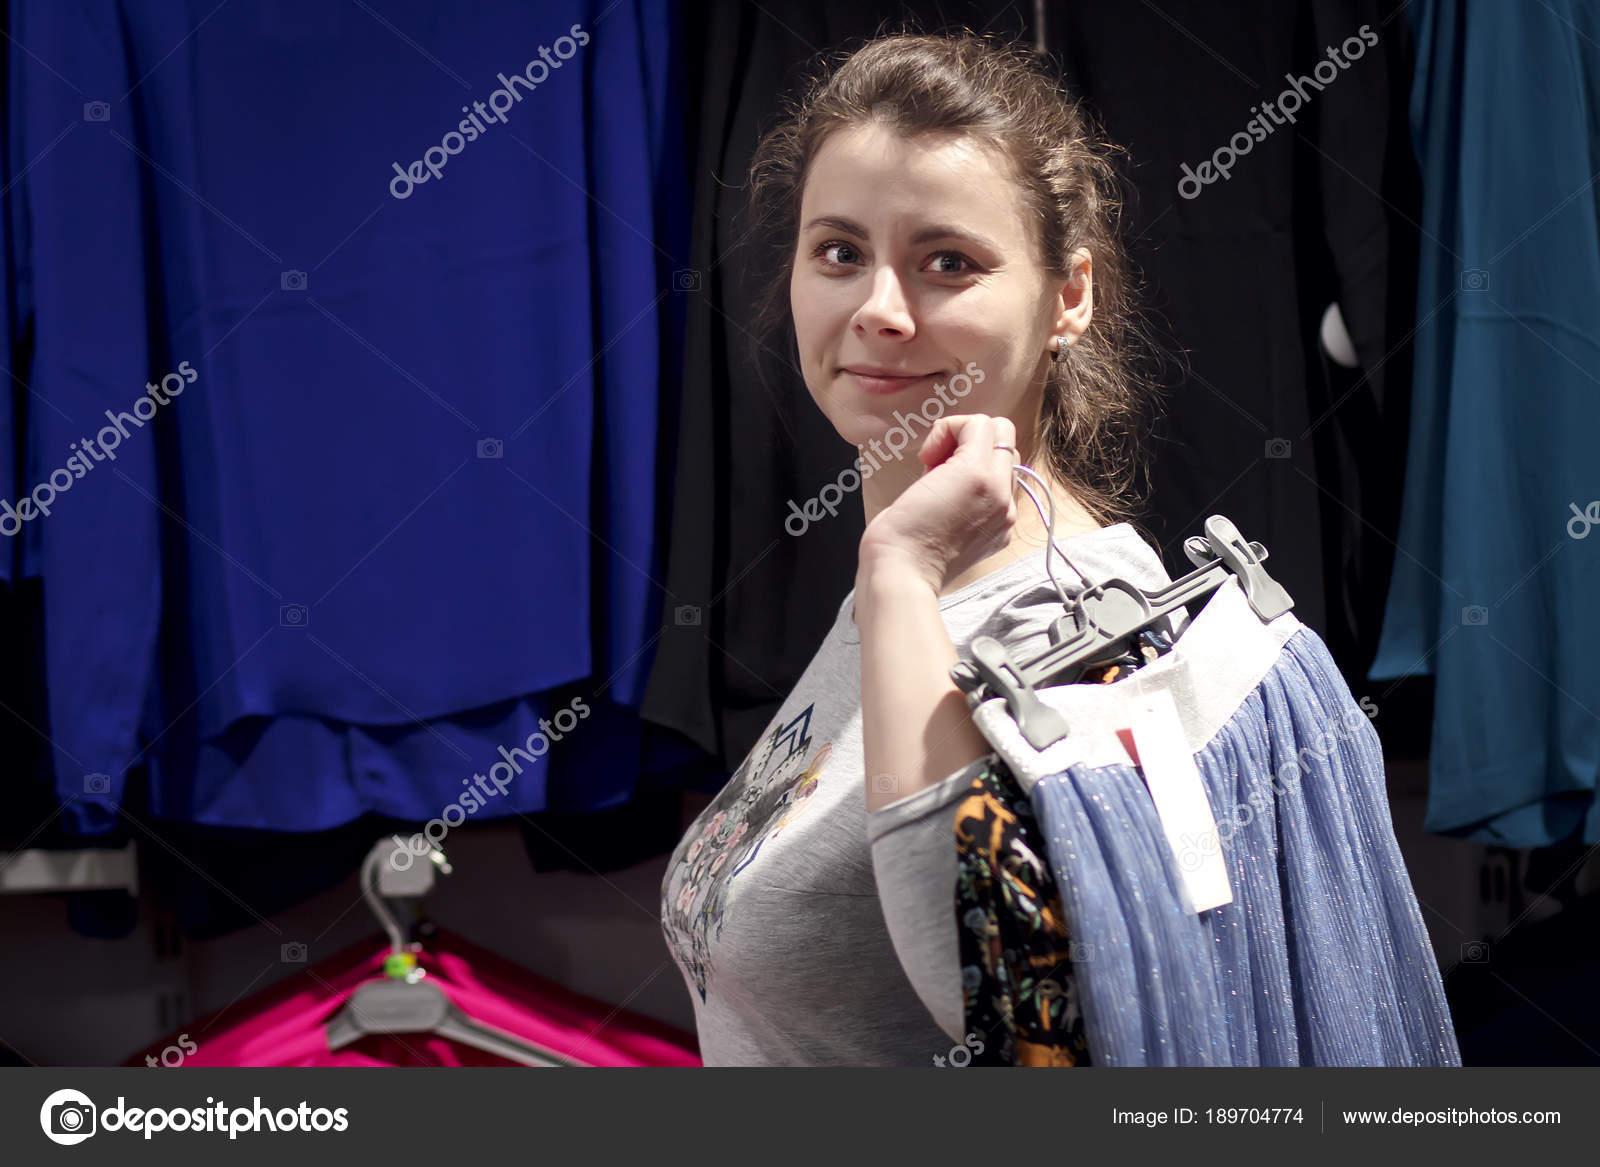 4fb95a659de02 Genç kız kıyafetleri şık butik dükkan satın alır. Alışveriş kavramı. Kız  giyim mağazası şeyler askı tutuyor. Yeni elbiseler satın alma ...